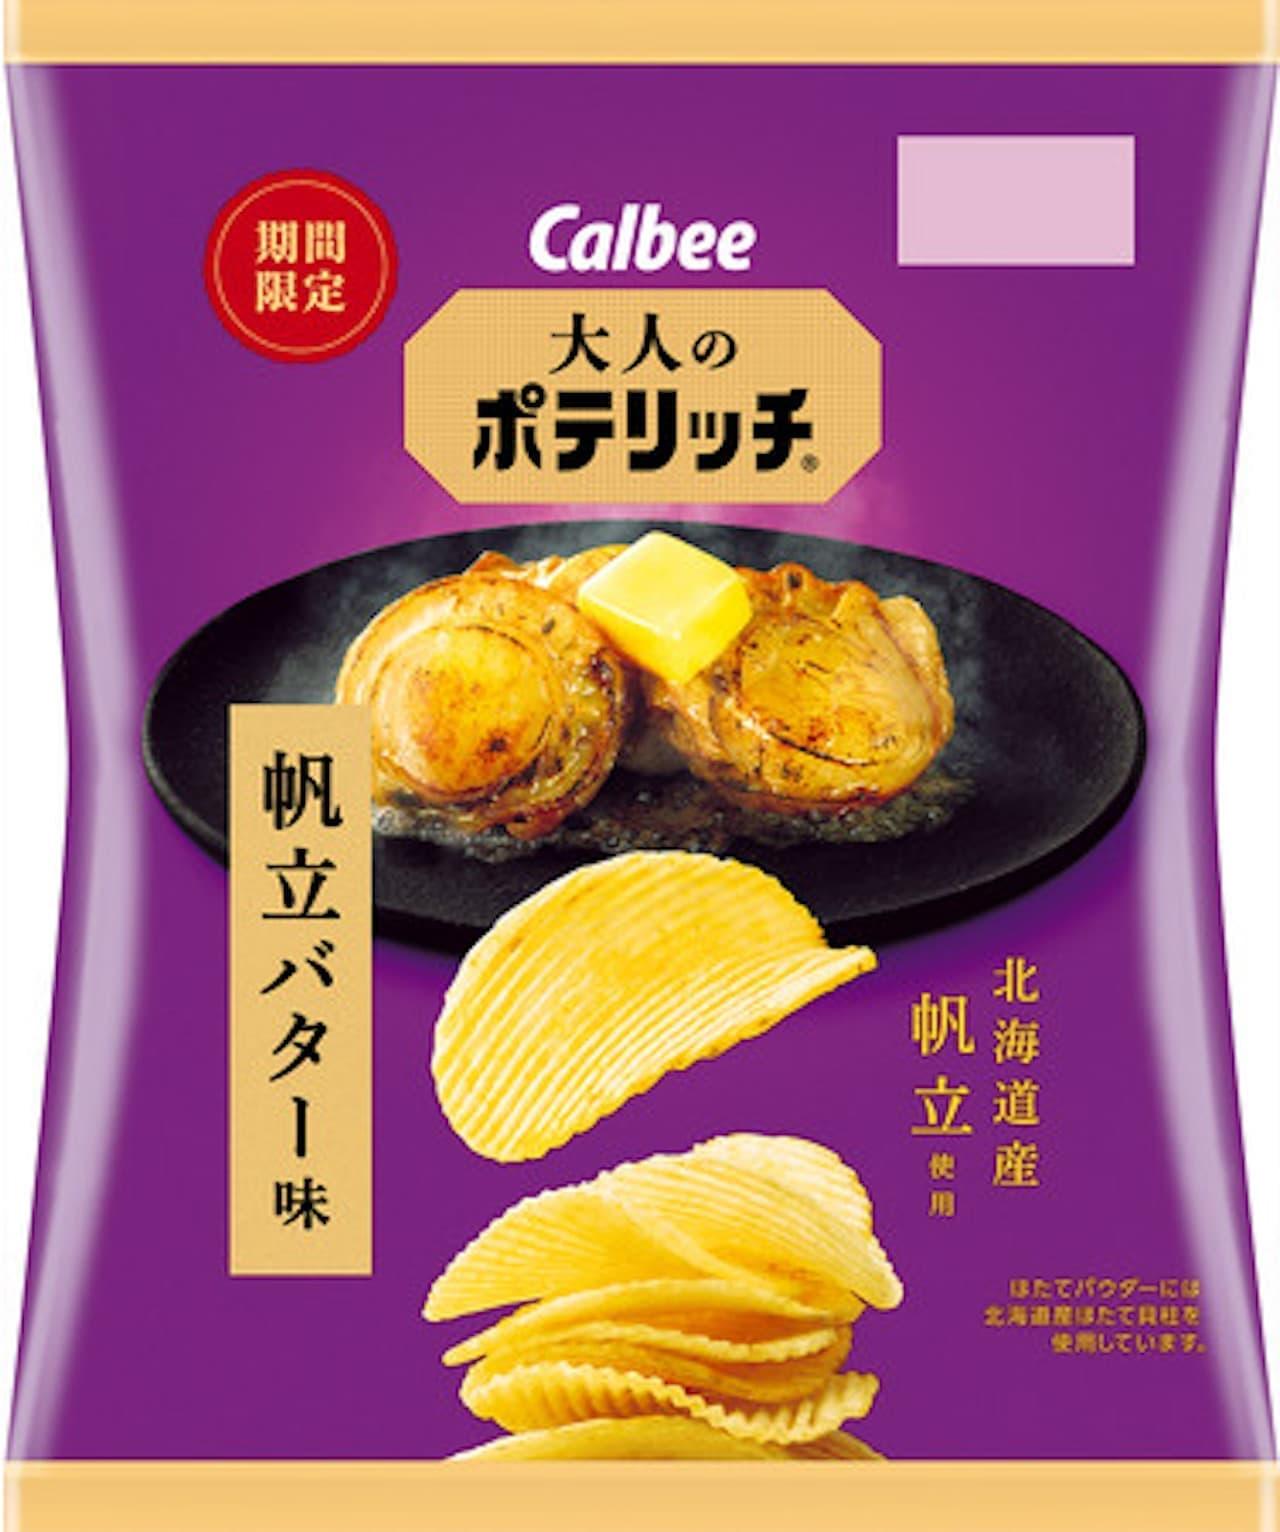 北海道産ホタテ使用「大人のポテリッチ 帆立バター味」カルビーから